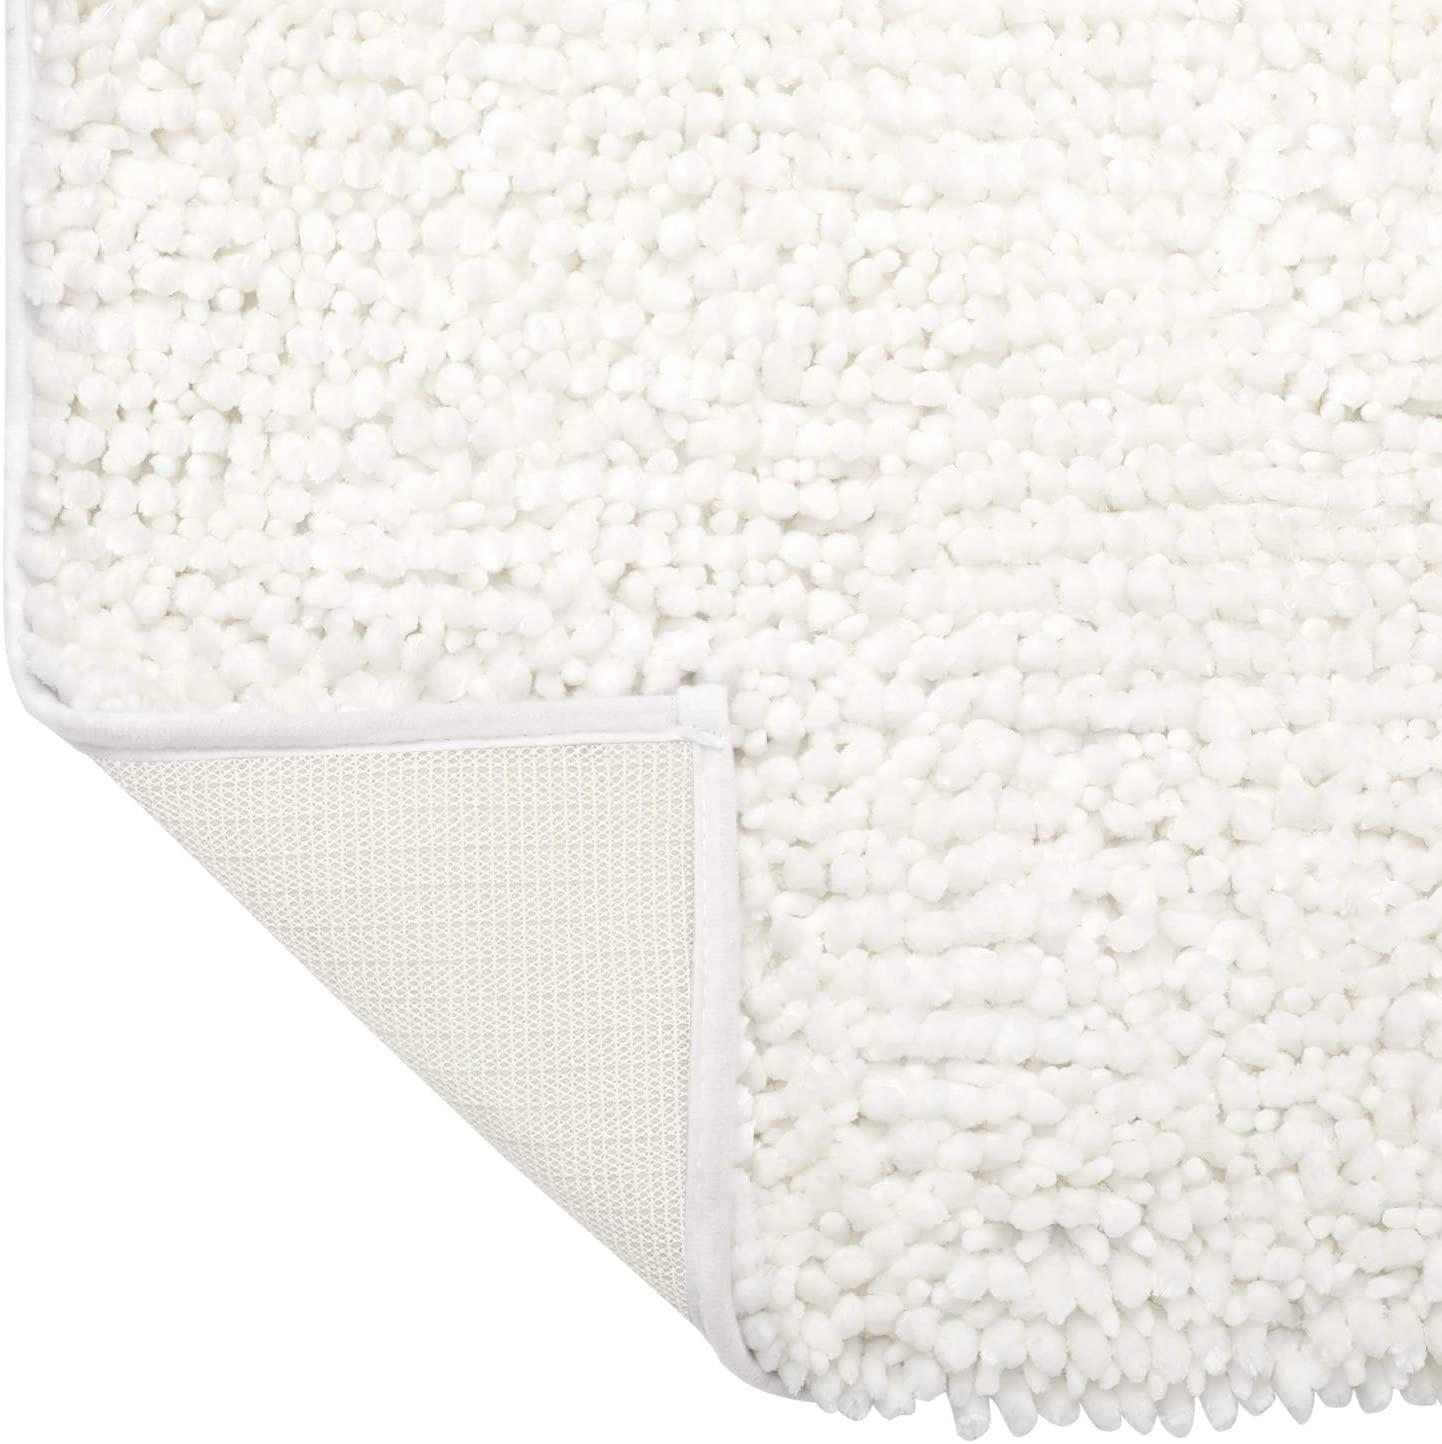 HOMEIDEAS Luxurious Butter Chenille White Bathroom Rug Mat Absorbent Non Slip - Extra Soft Shag Bath Rug, Bath Mat for Tub, Shower & Bathroom - 17x24 inch